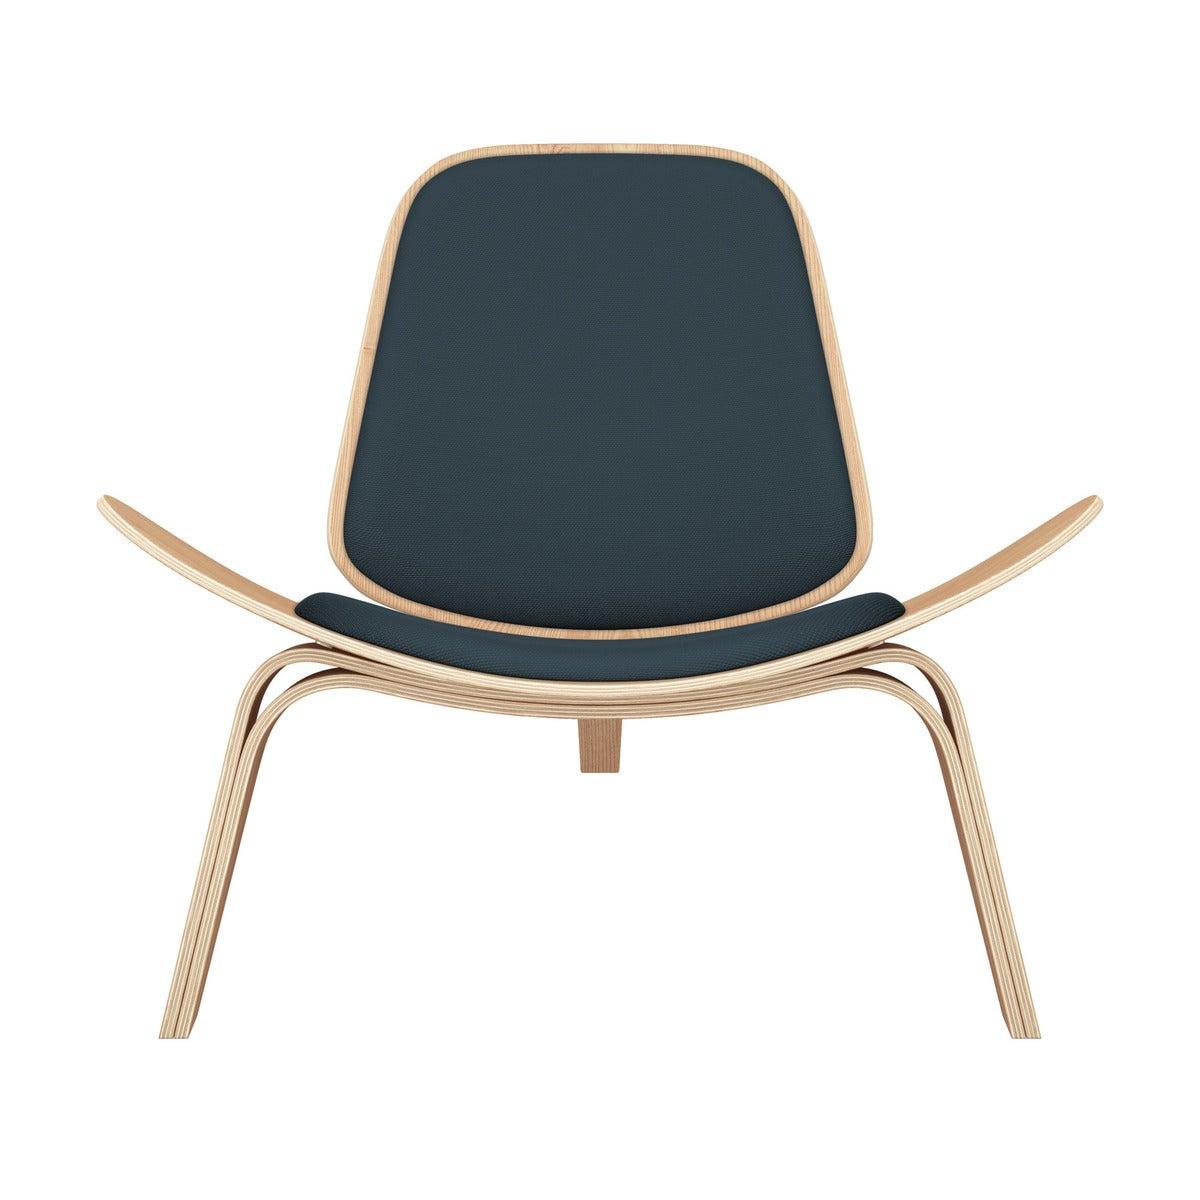 05 lounge chair